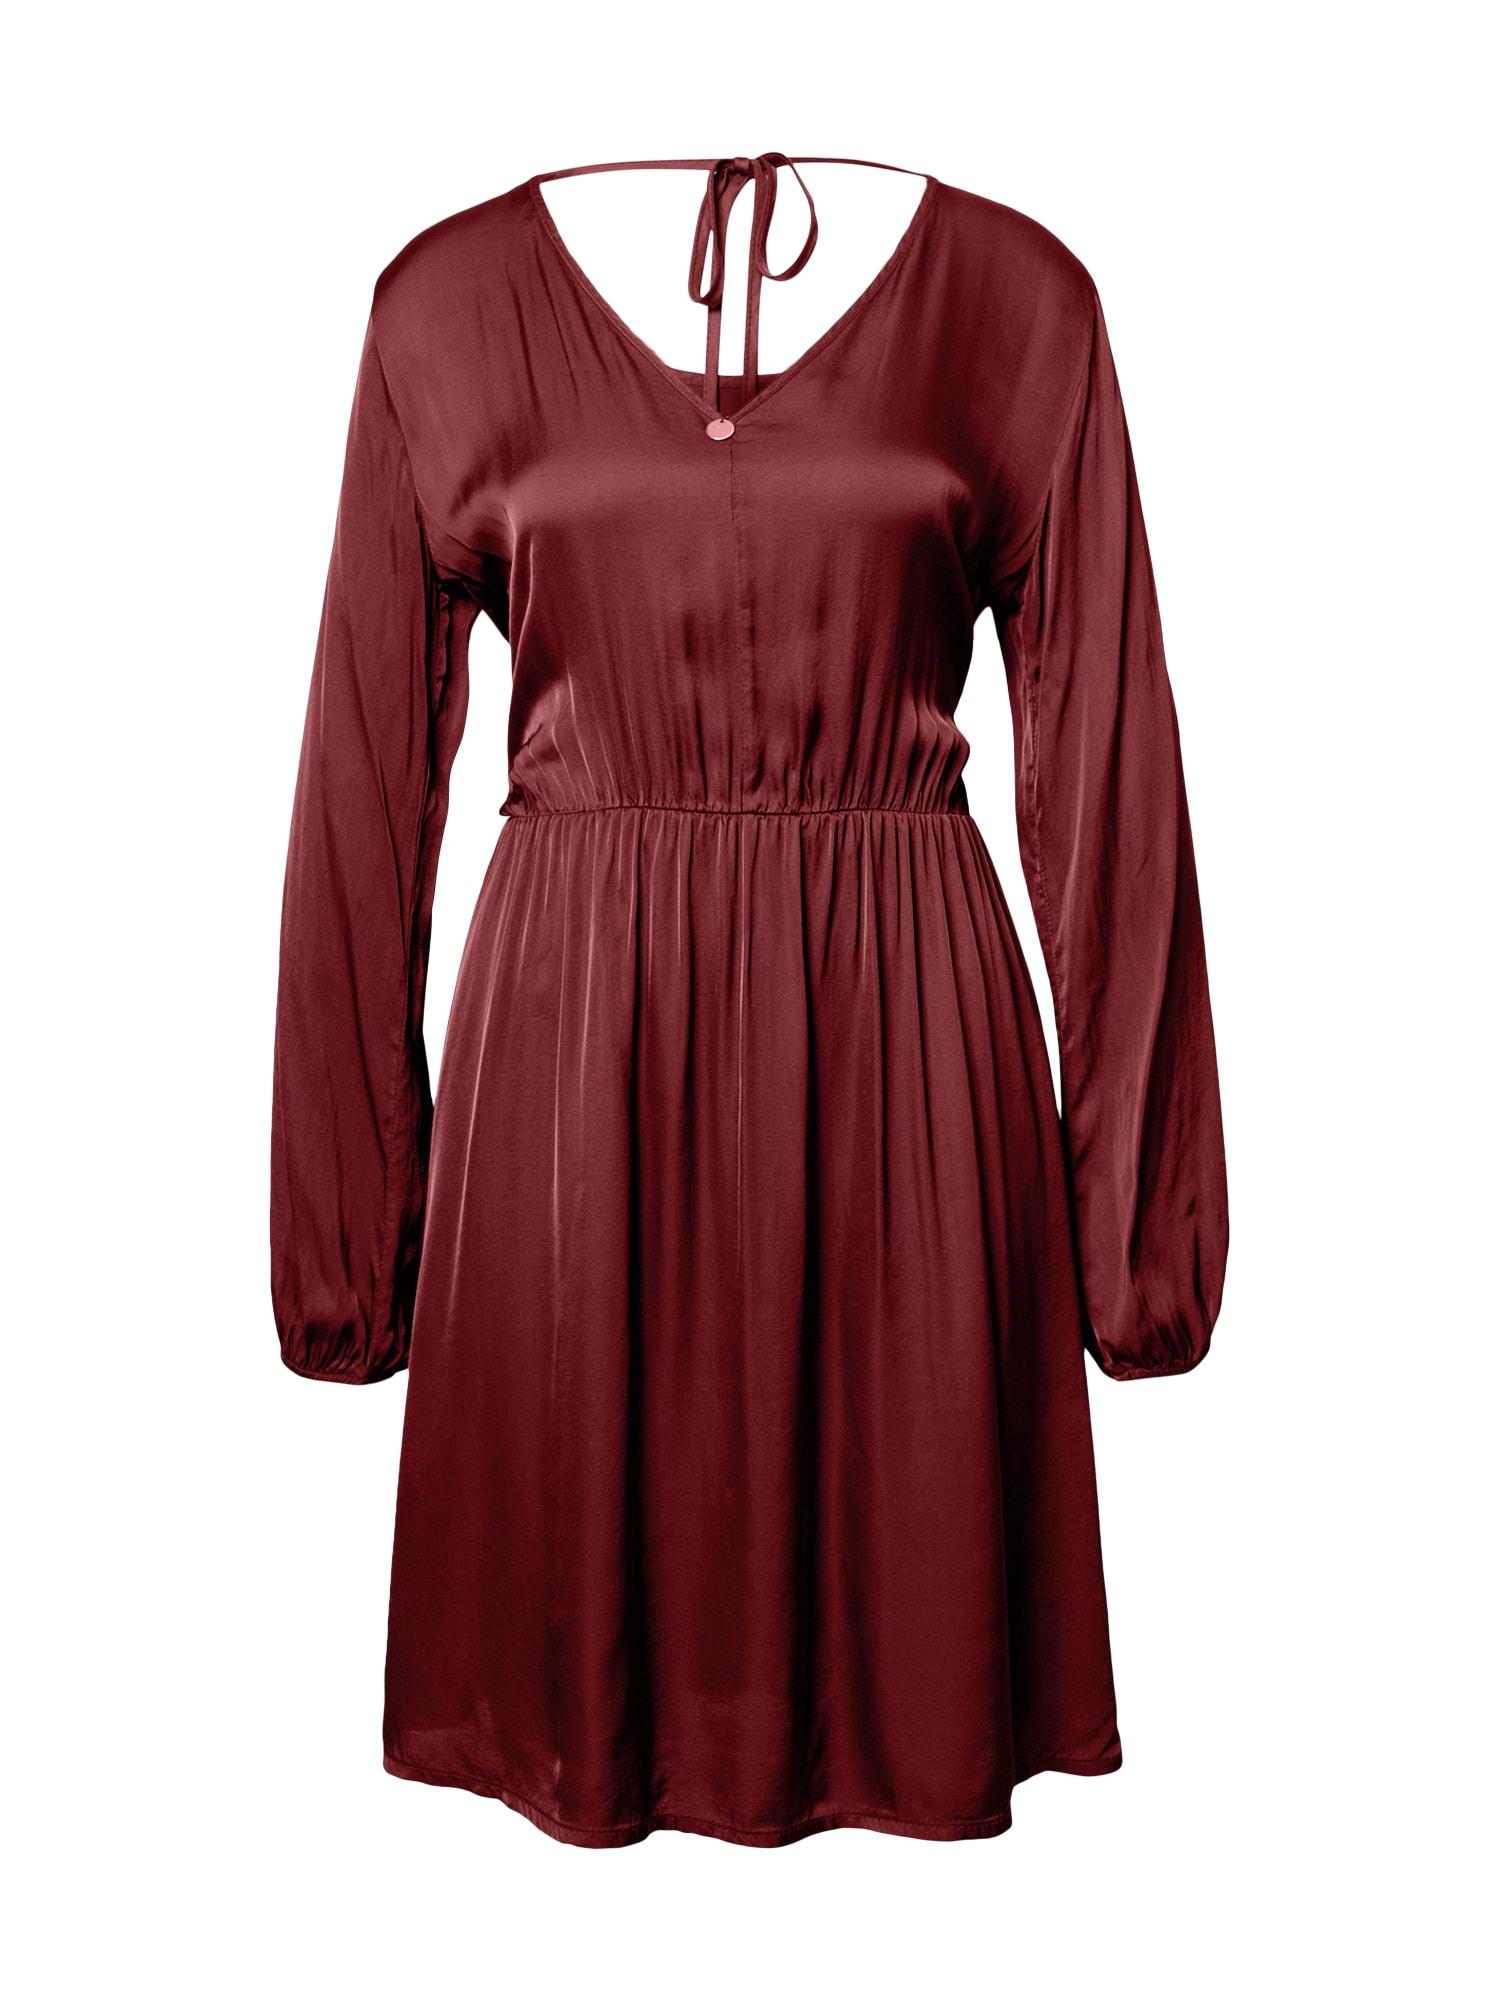 Freebird Suknelė tamsiai raudona